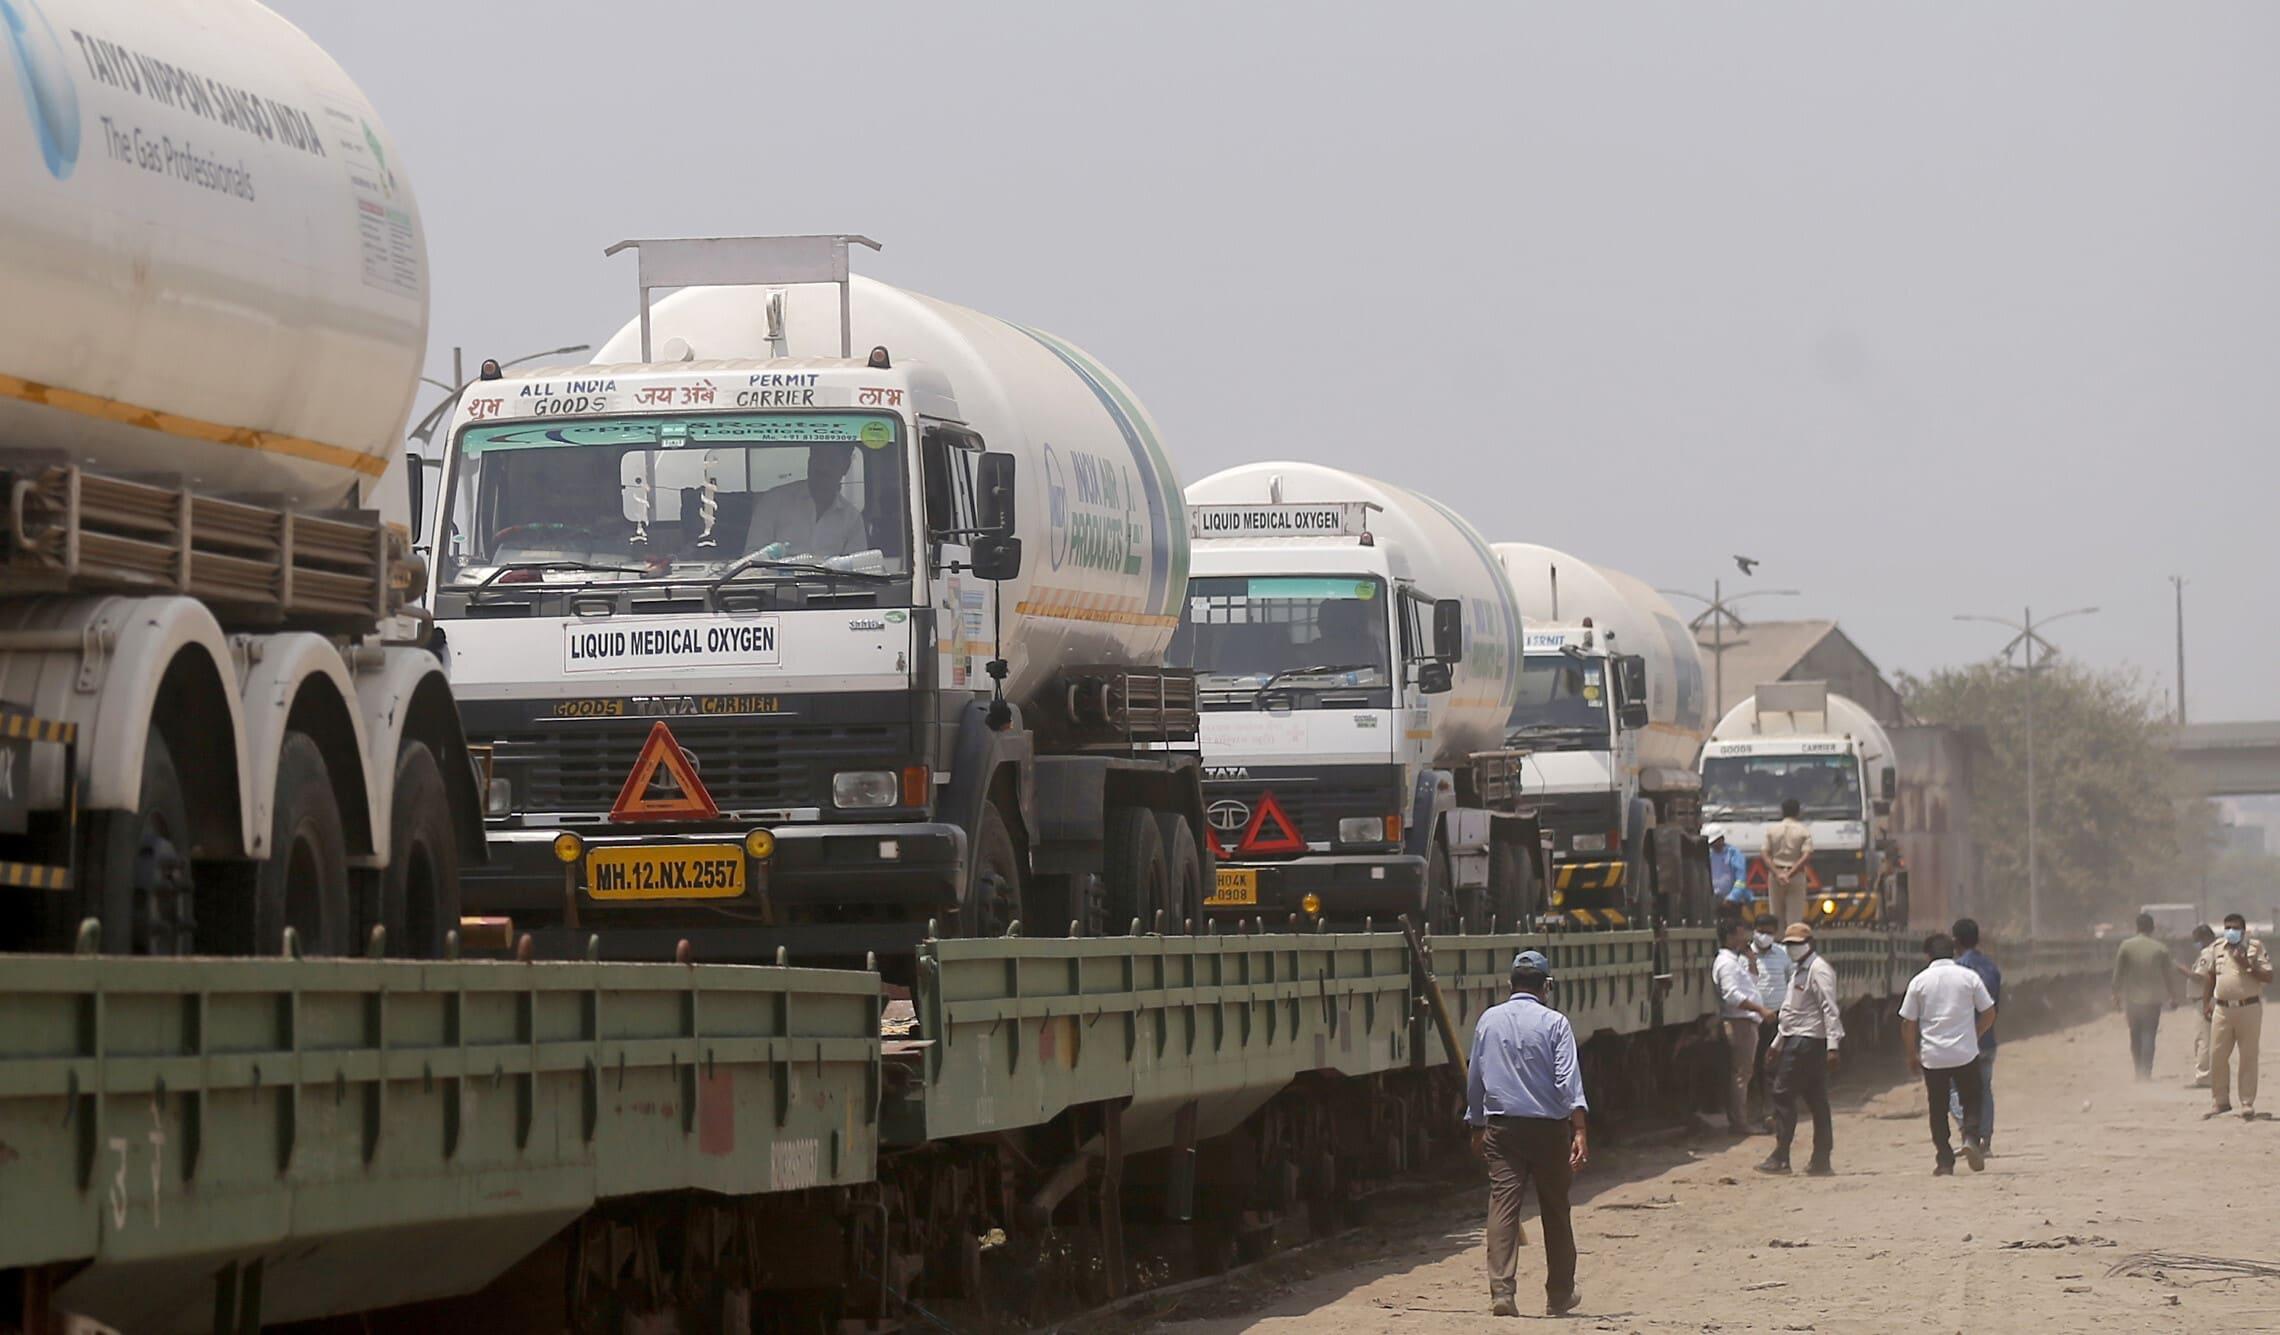 חמצן מועבר בשיירה למומביי, הודו, 19 באפריל 2021 (צילום: AP Photo/Rafiq Maqboo)